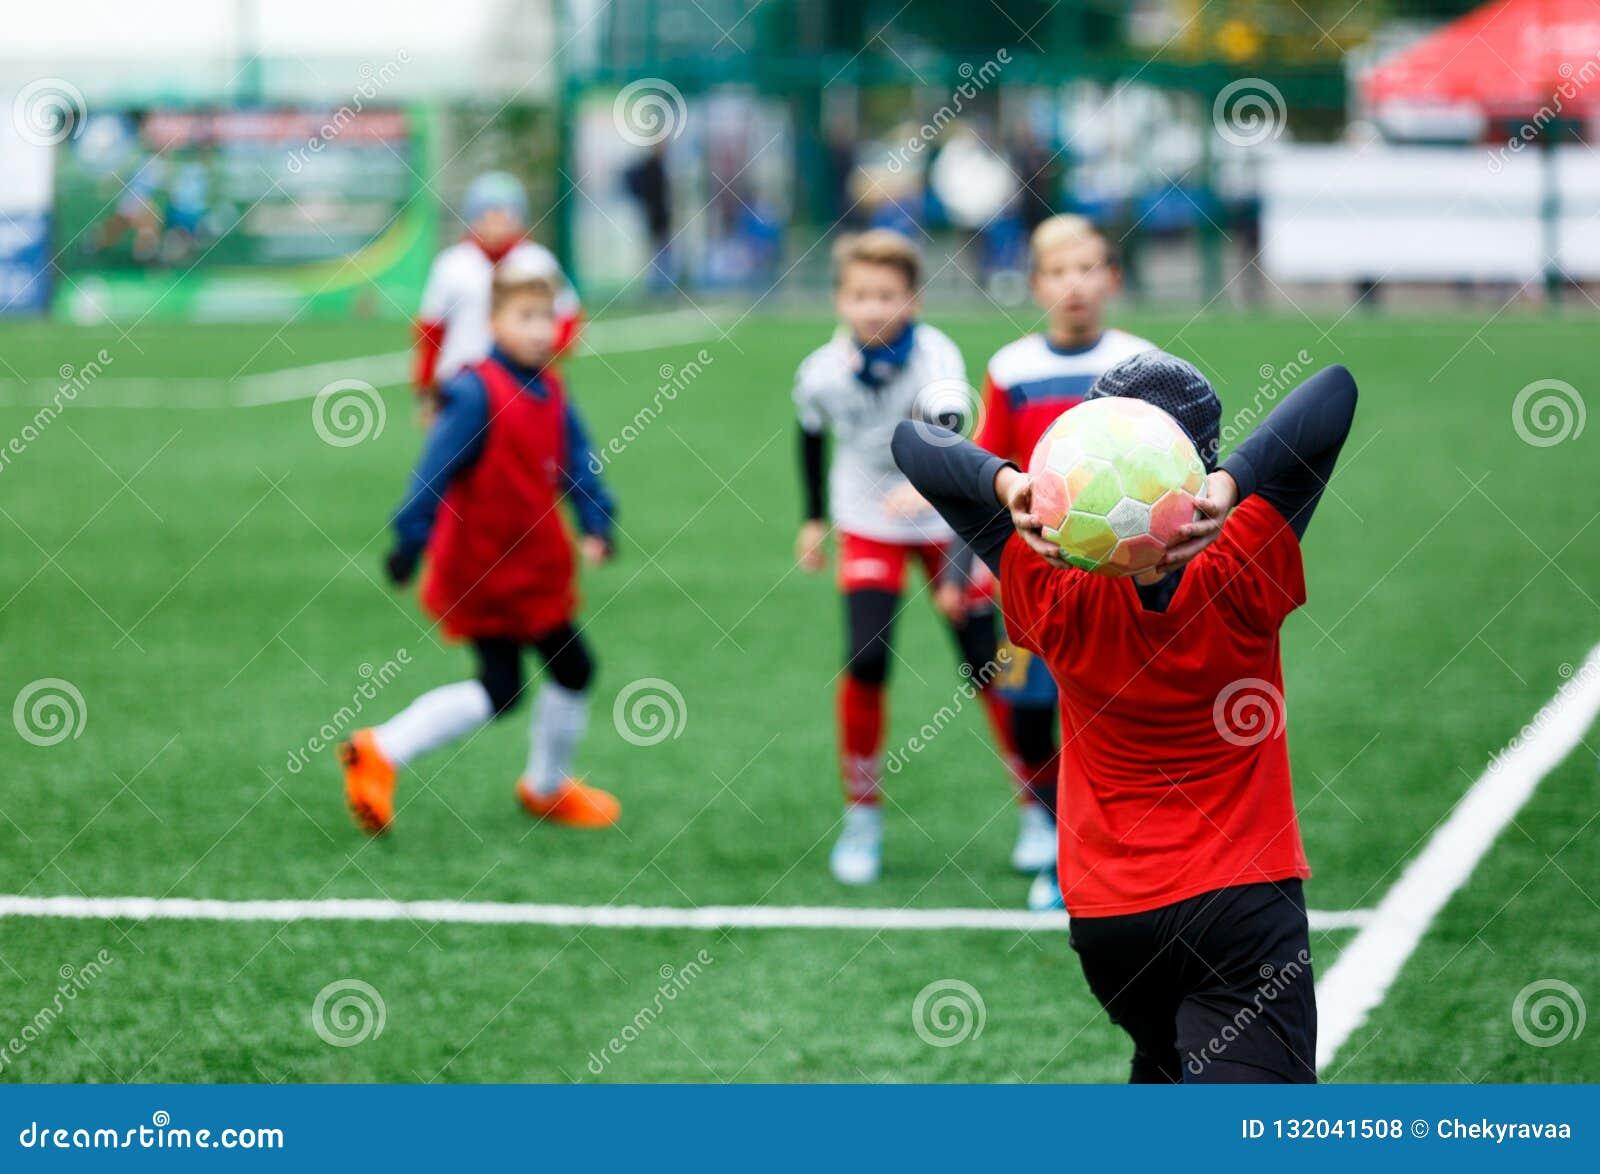 Футбольные команды - мальчики в красном, голубом, белом равномерном футболе игры на зеленом поле мальчики капая капая навыки